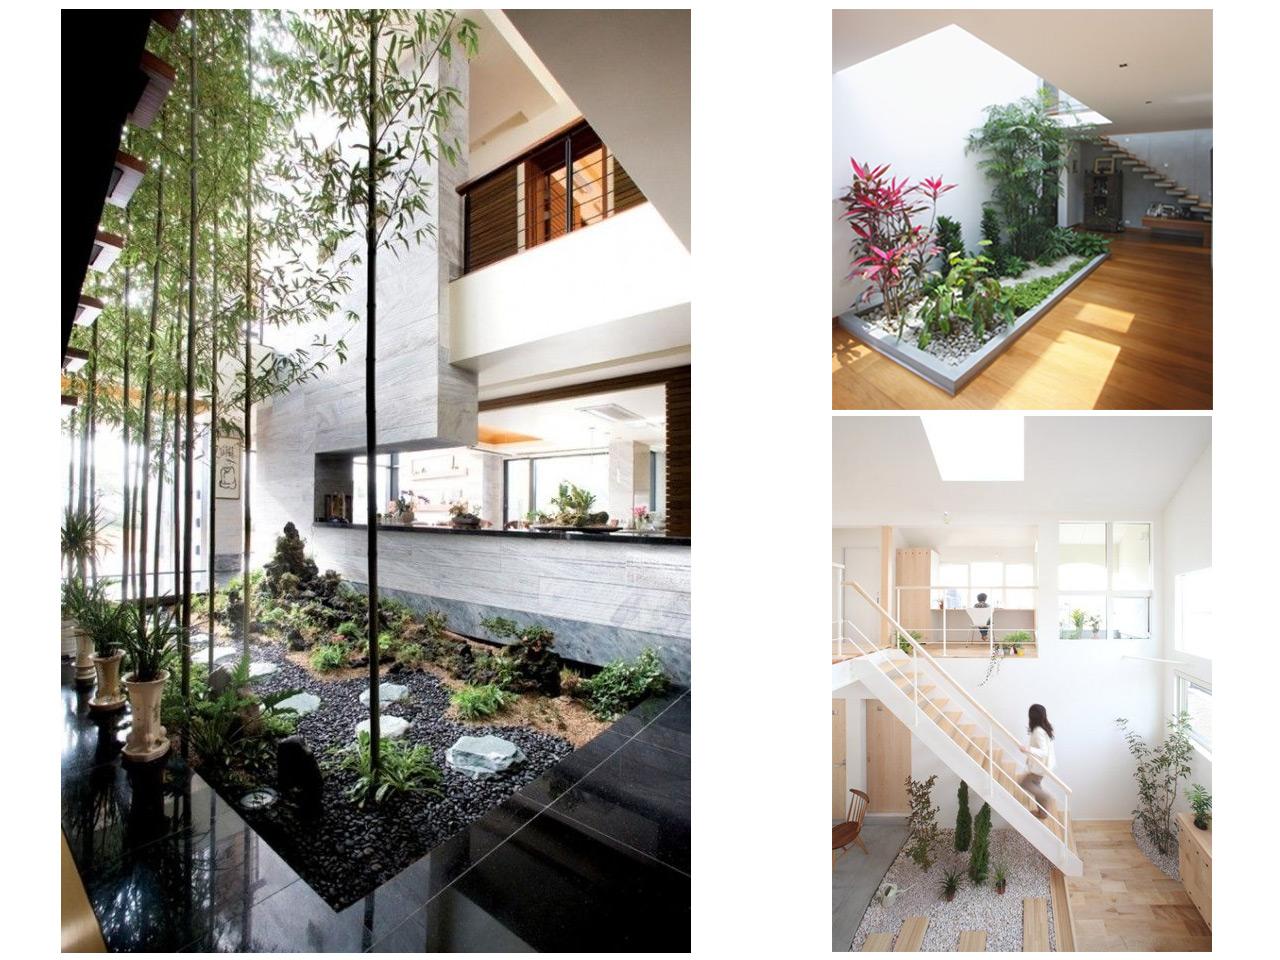 Tus 7 inspiraciones de decoraci n de terrazas interiores for Cerramientos para patios internos